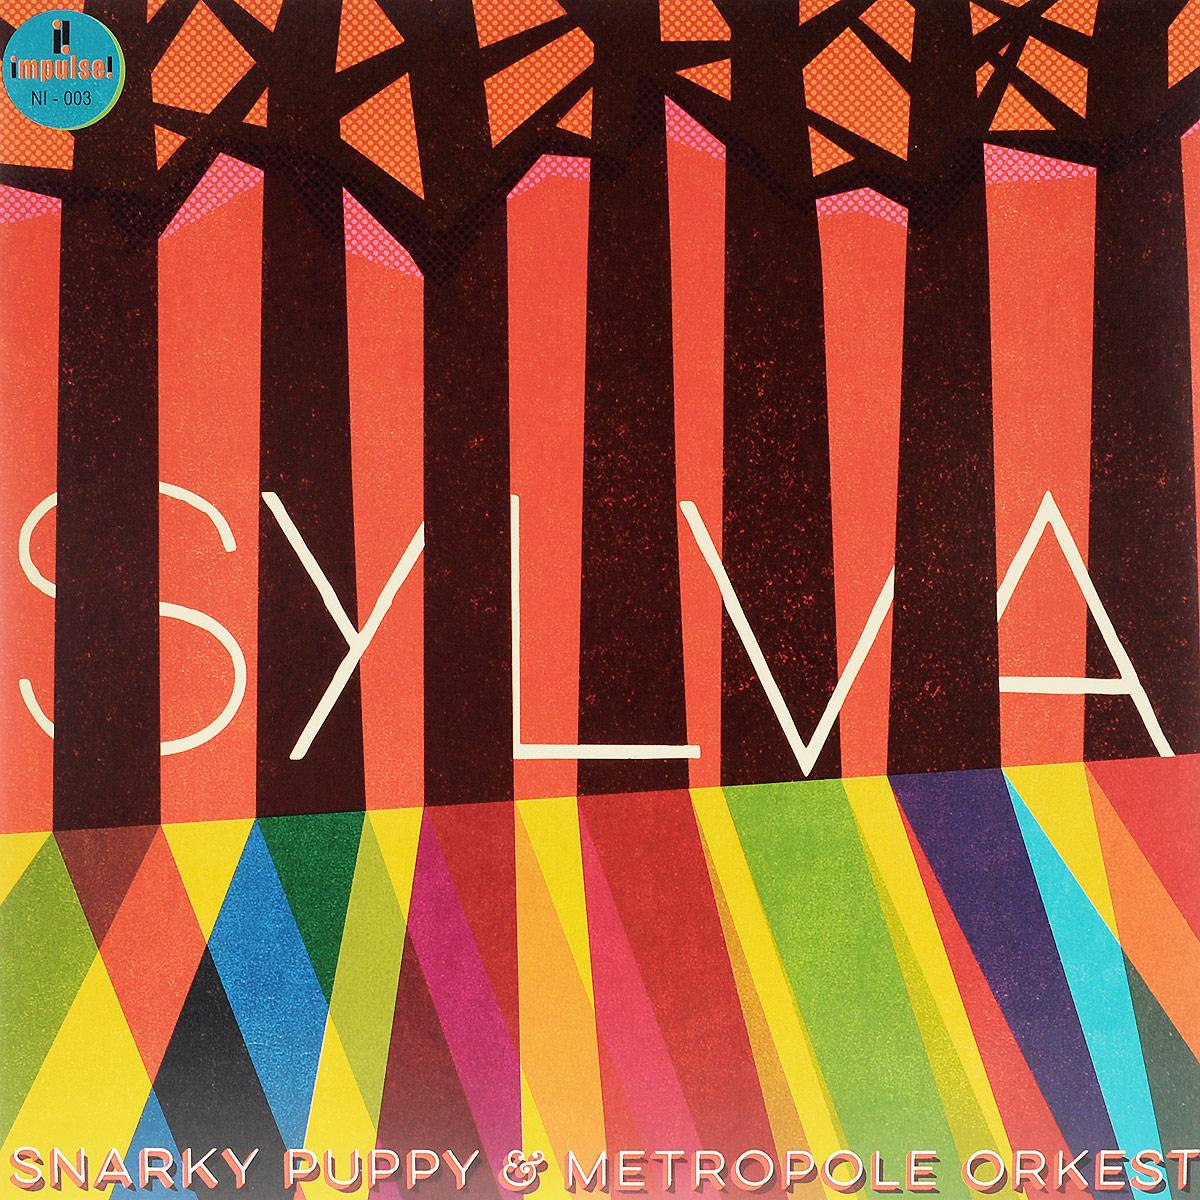 Snarky Puppy,Metropole Orchestra Snarky Puppy & Metropole Orkest. Sylva (2 LP) metropole orchestra